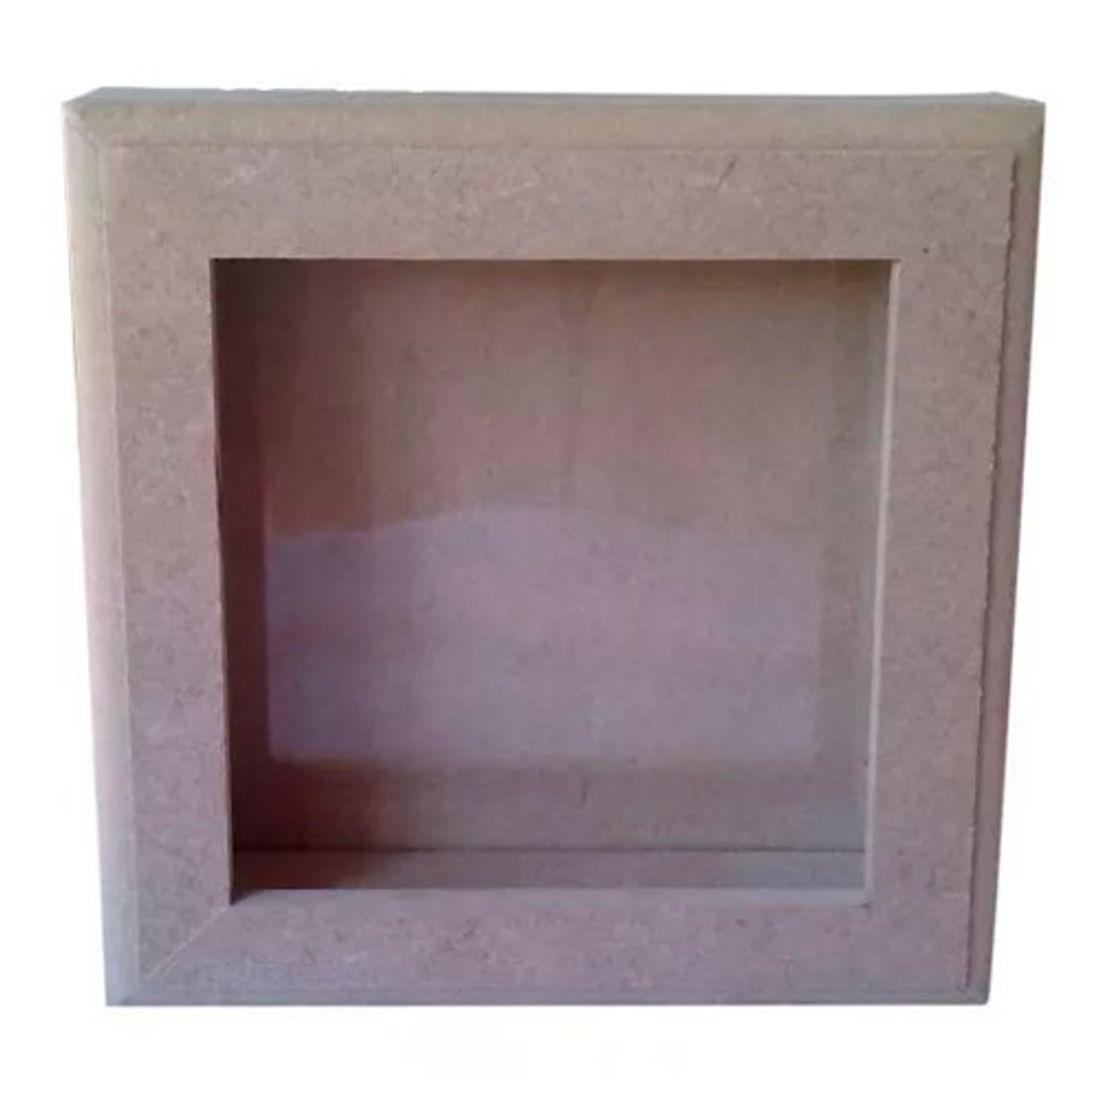 Quadro-Scrapbook-12x12-